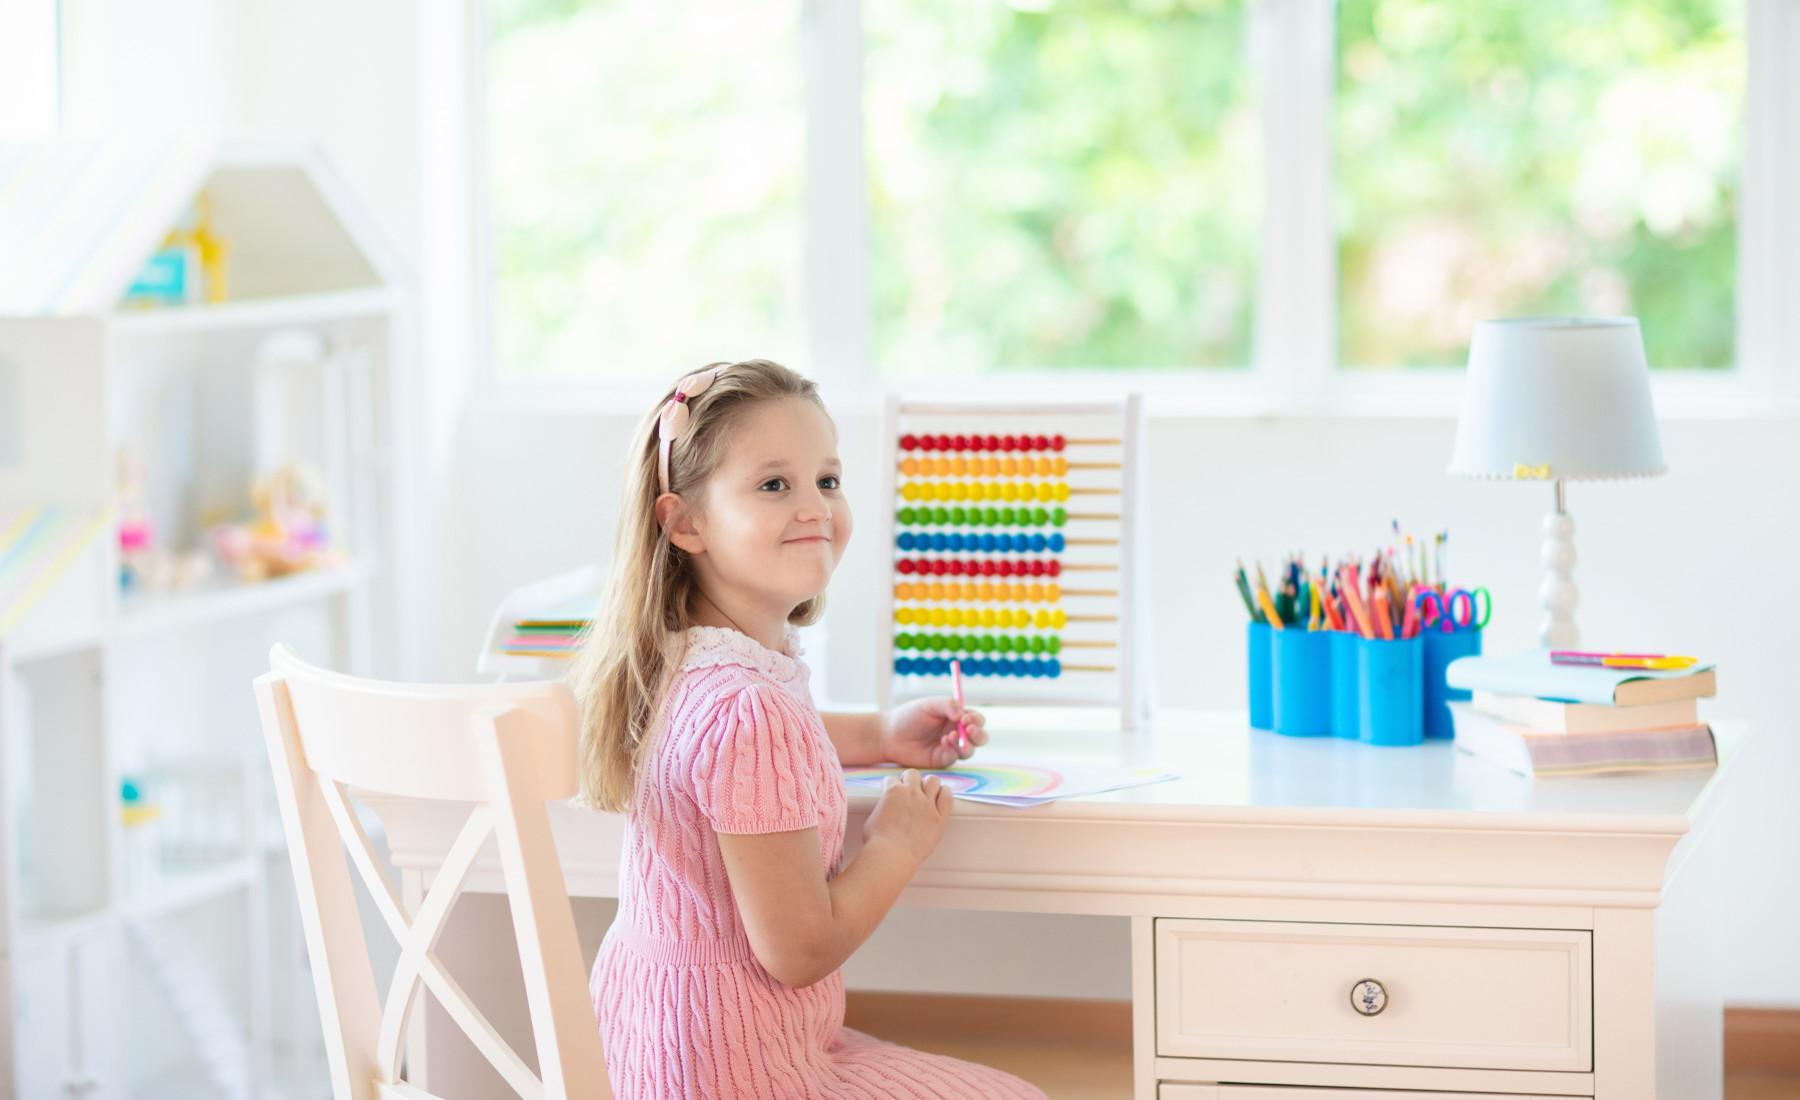 עיצוב חדר לילד עם הפרעת קשב